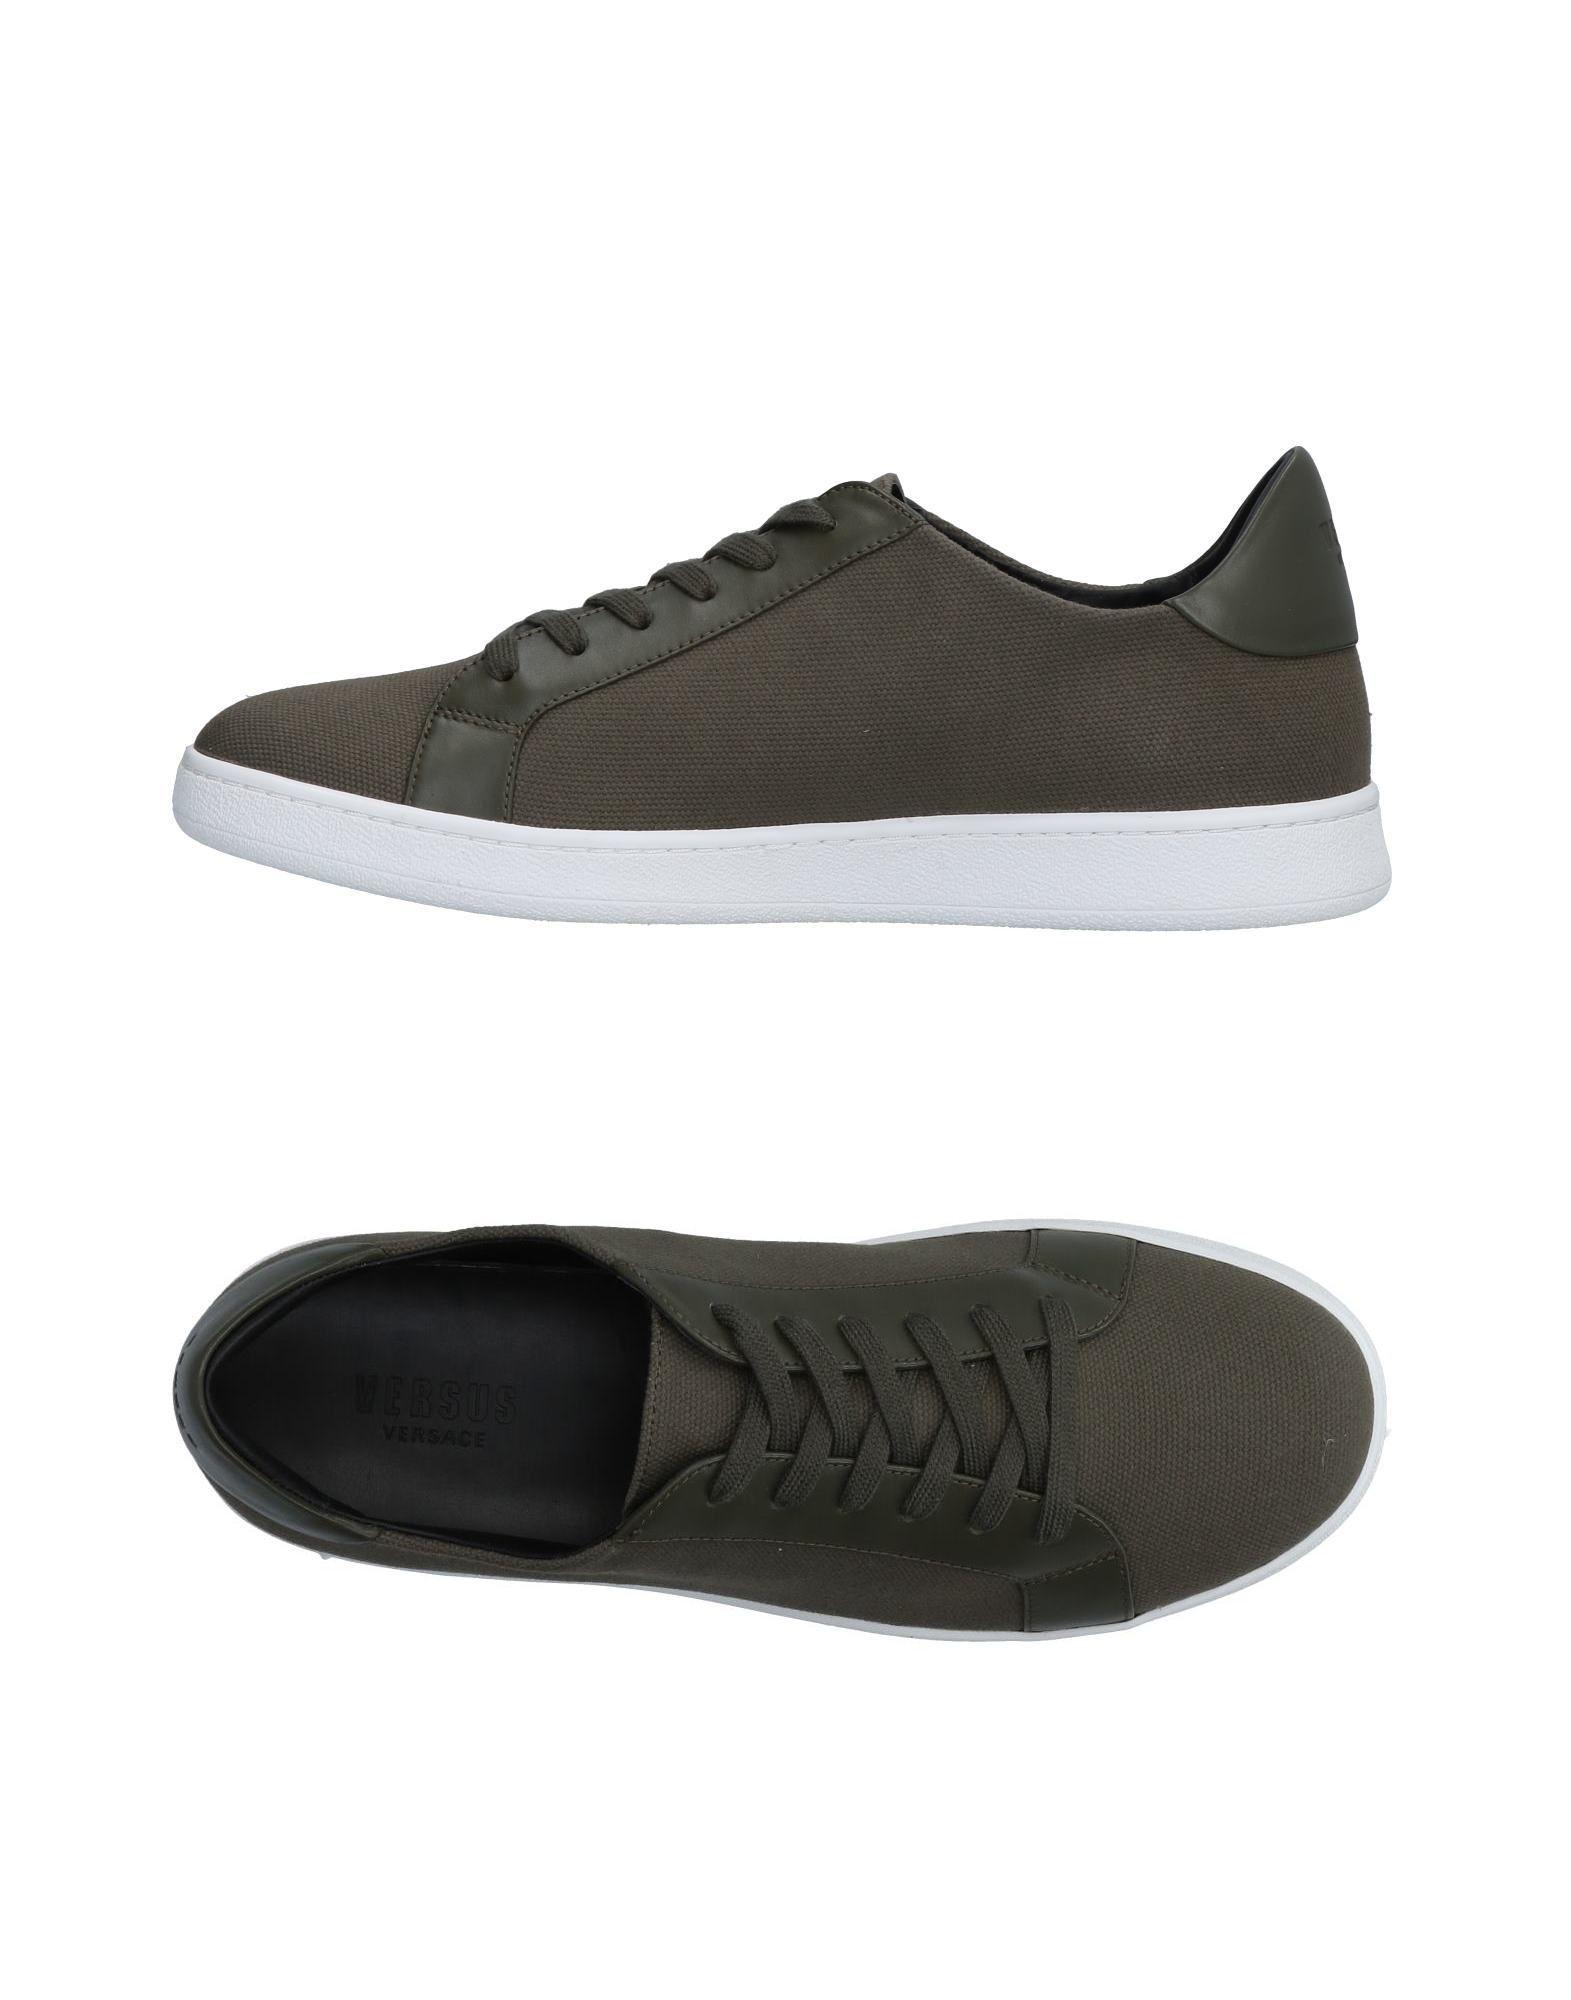 Versus Versace Sneakers Herren  11328744GX